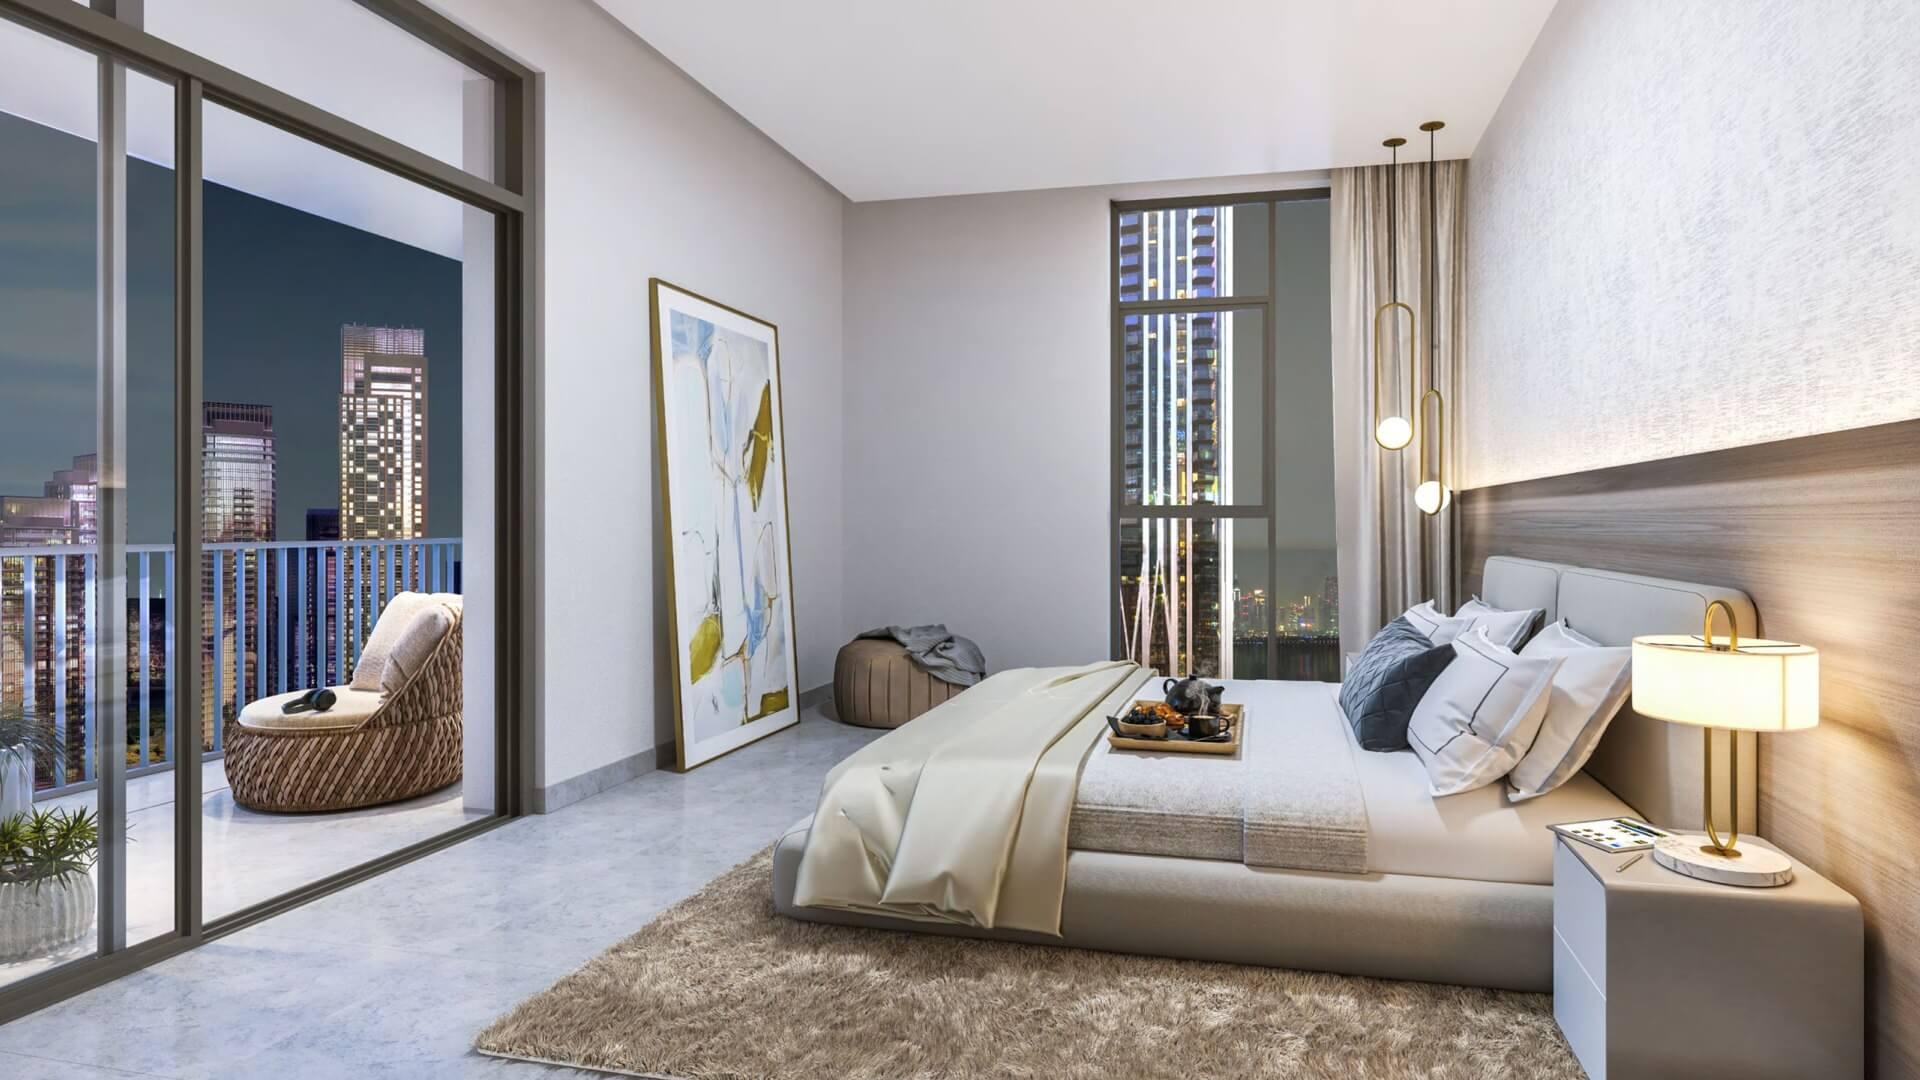 Apartamento en venta en Dubai, EAU, 2 dormitorios, 99 m2, № 24554 – foto 1